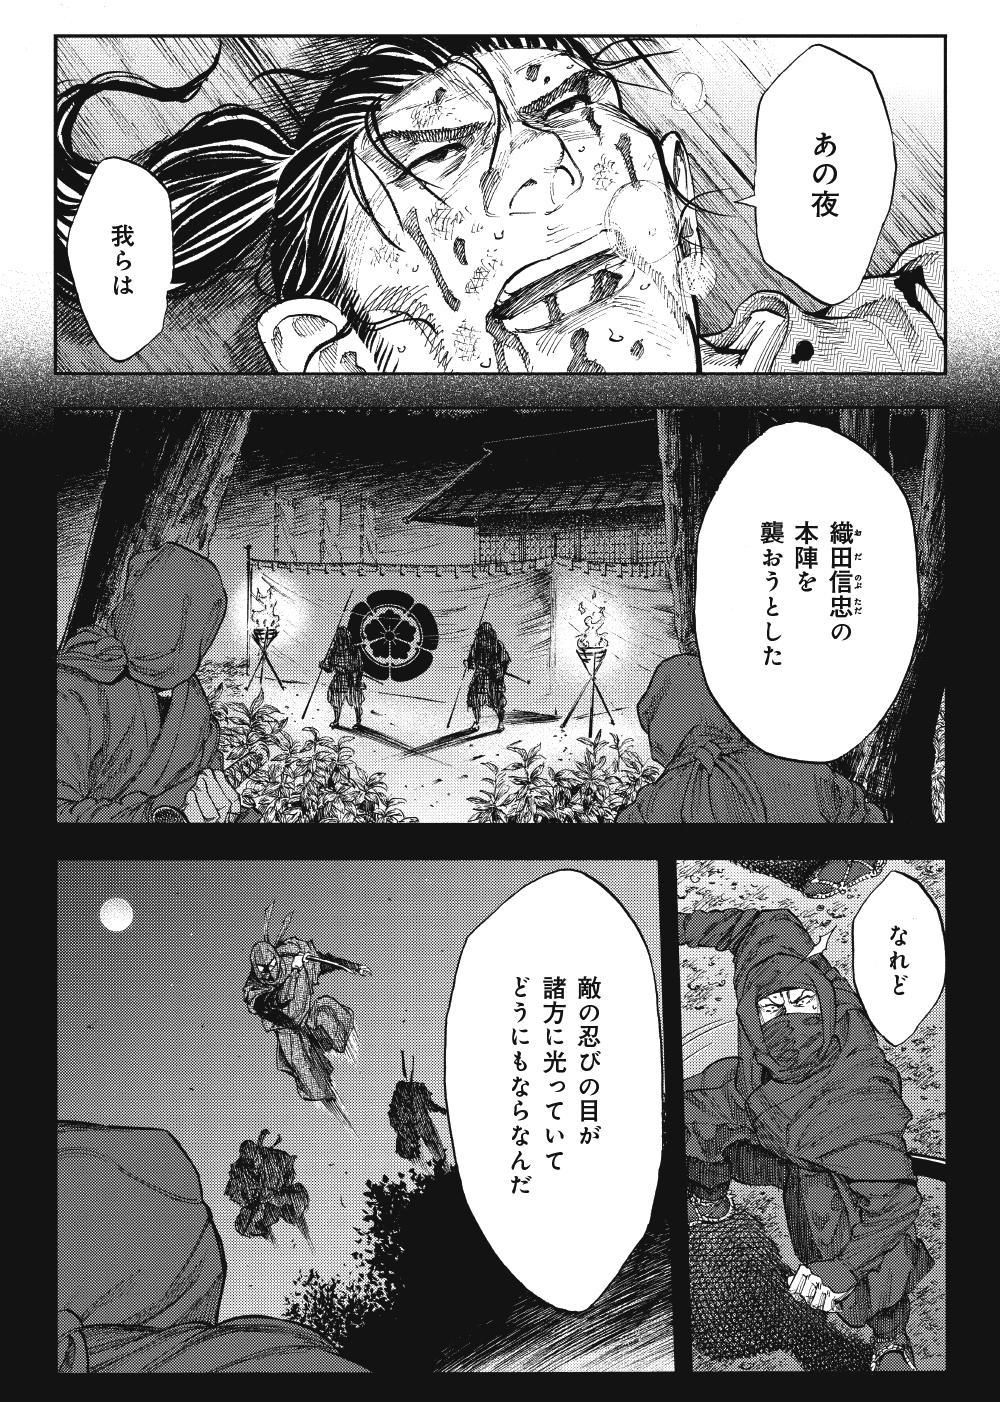 真田太平記 第6話「忍び小屋」②sanada12-05.jpg